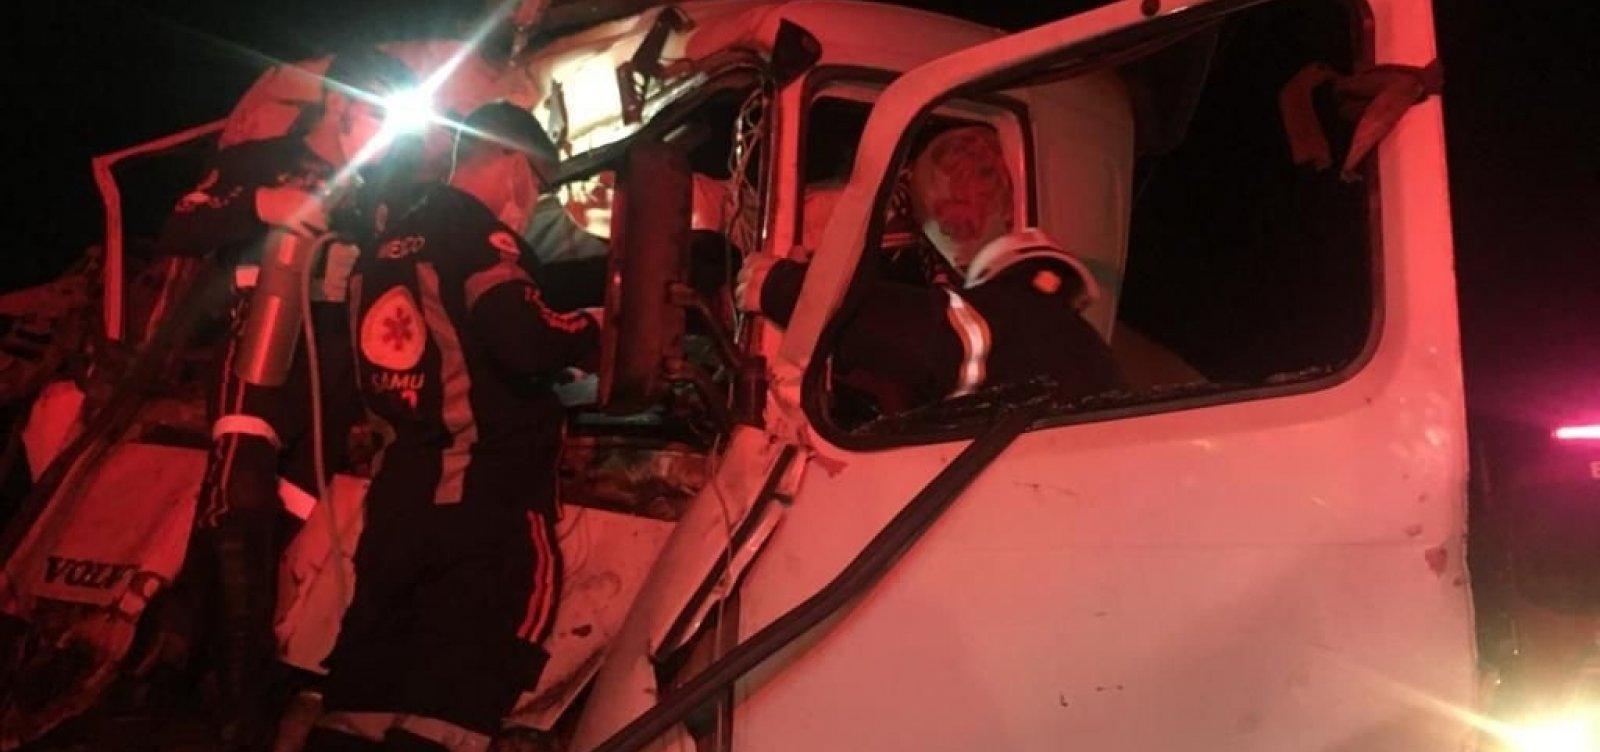 Homem é resgatado de ferragens após acidente envolvendo duas carretas em Luís Eduardo Magalhães